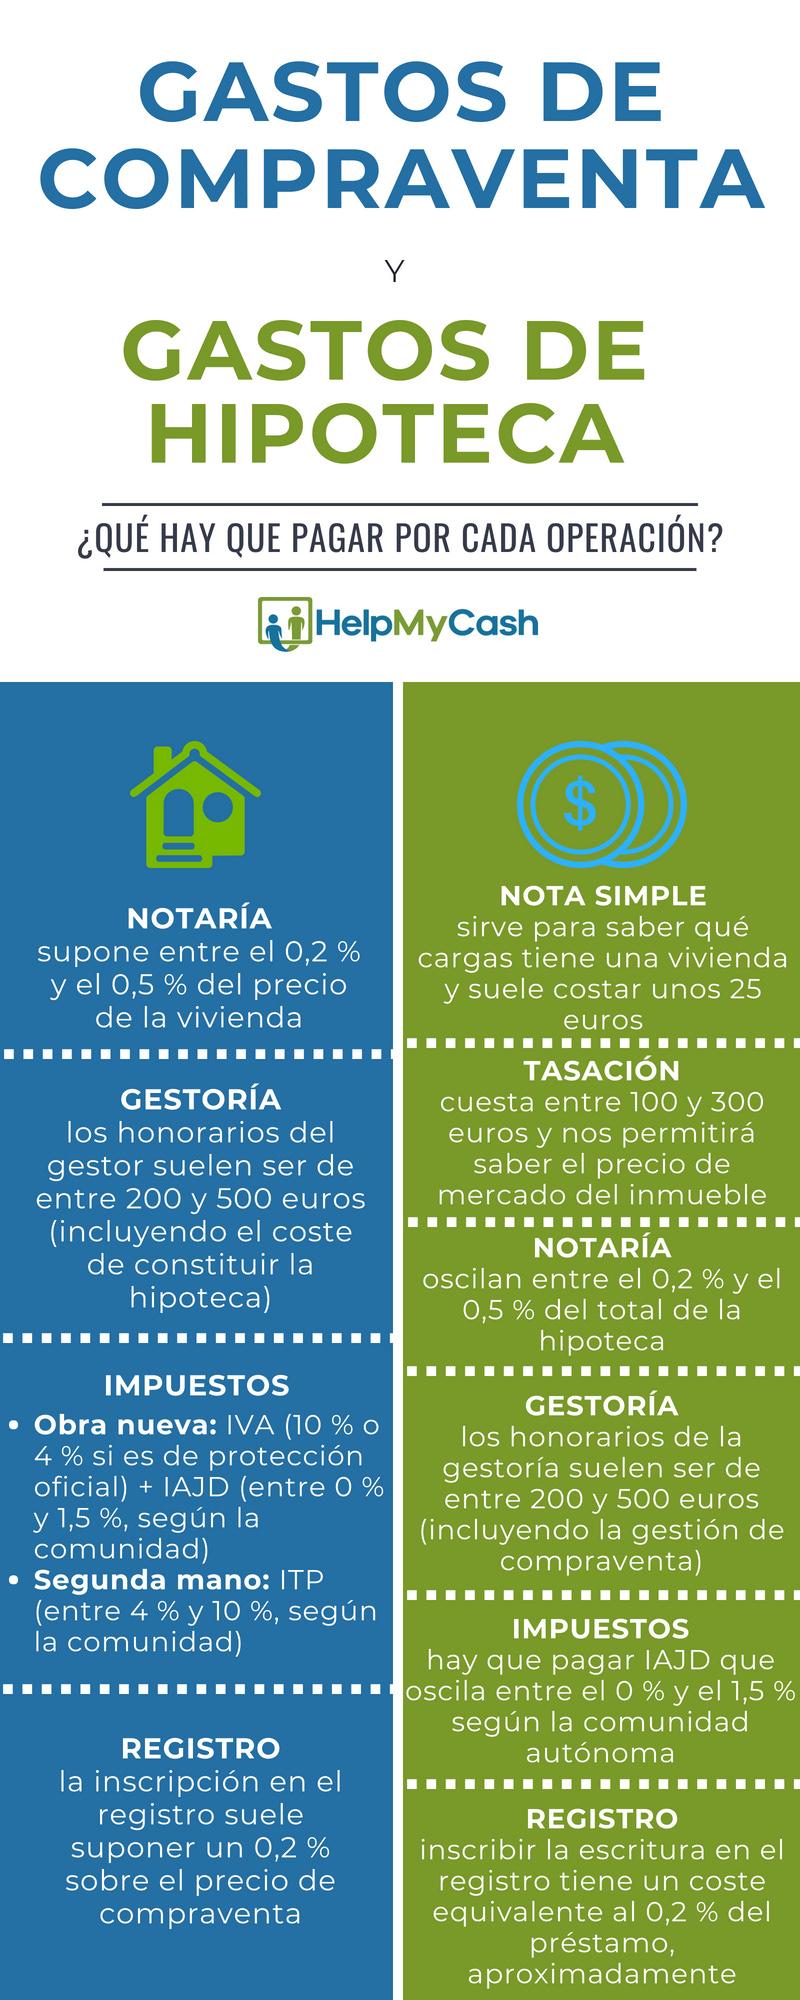 Cuáles son los gastos de compraventa y de hipoteca